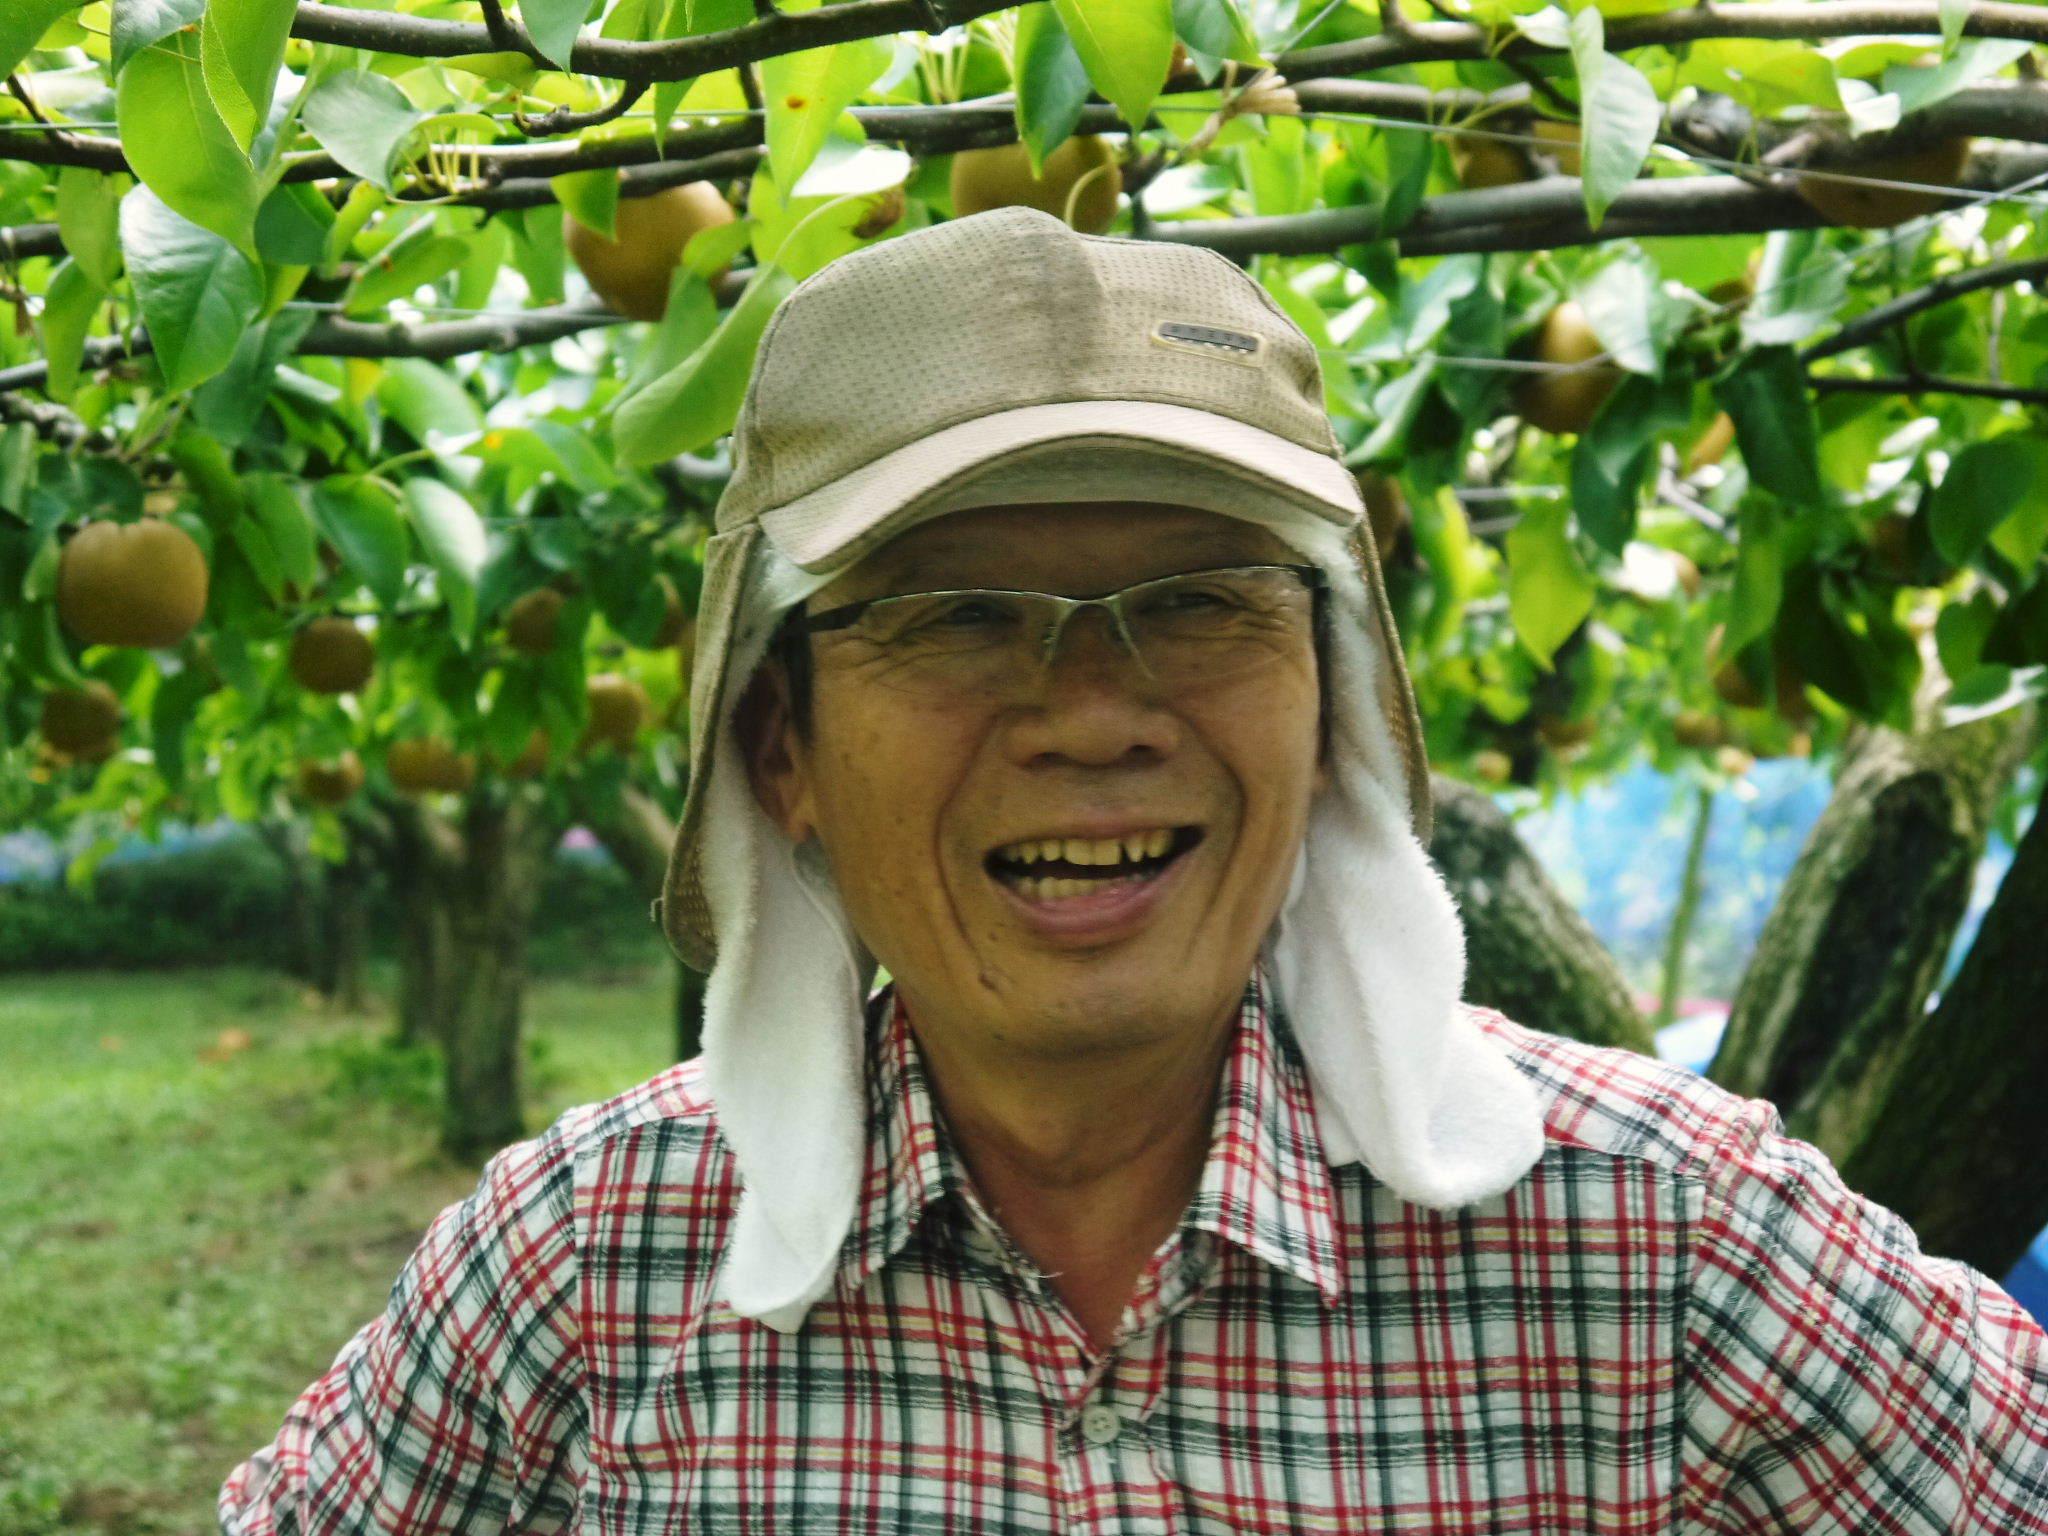 熊本梨 令和3年度の初出荷!まずはこだわりの樹上完熟梨『幸水』を朝採り即日発送でお届けします!_a0254656_18123447.jpg